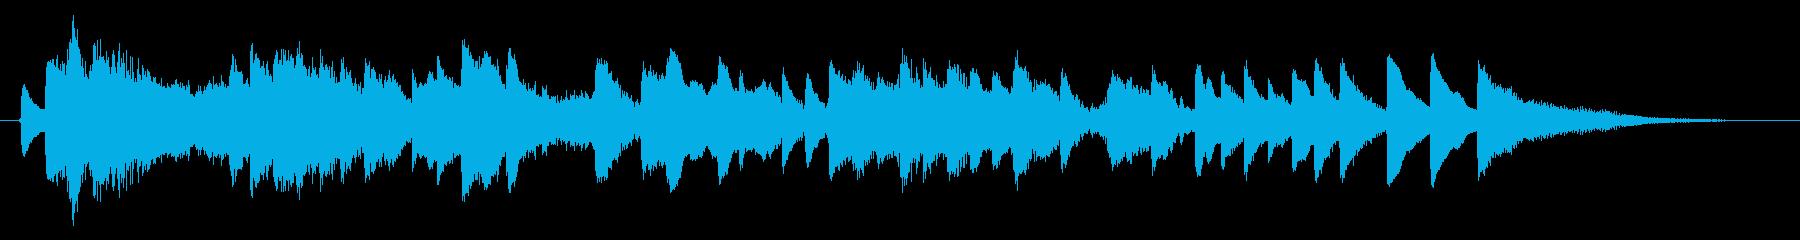 切なく、優しいピアノのBGMの再生済みの波形